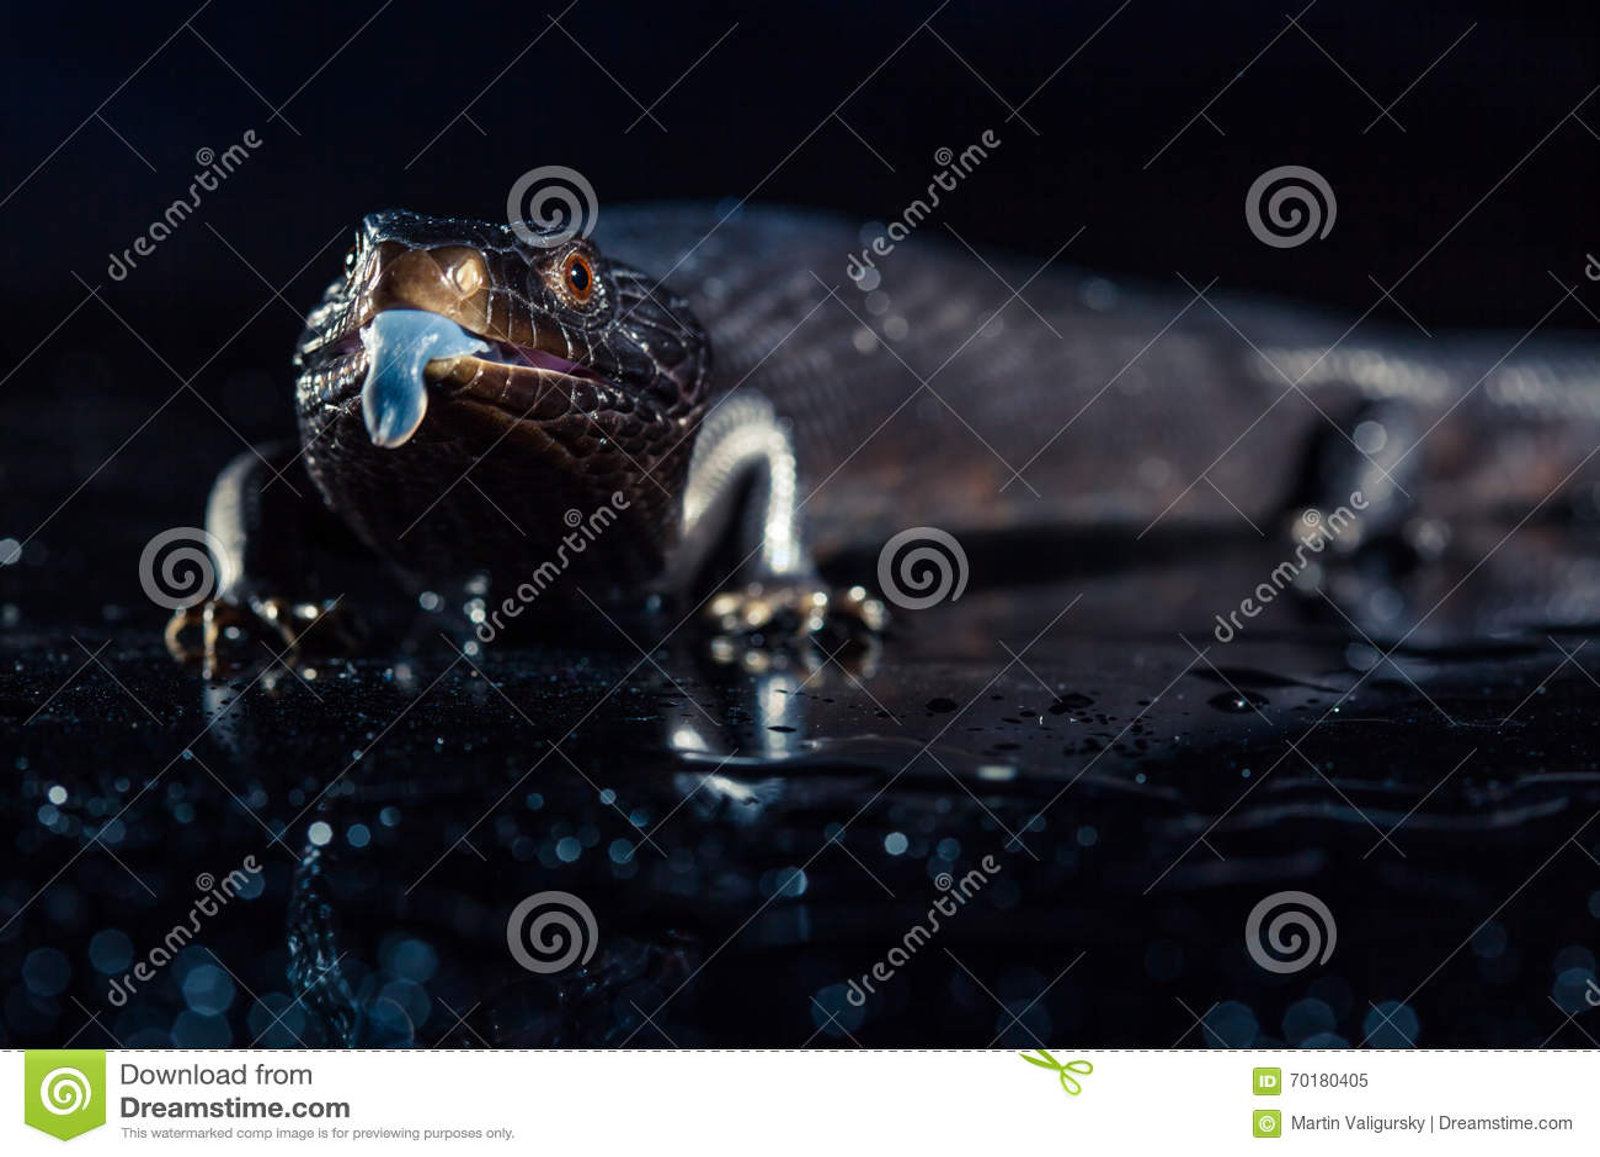 Svarta blått spontade ödlan i mörk skinande environement